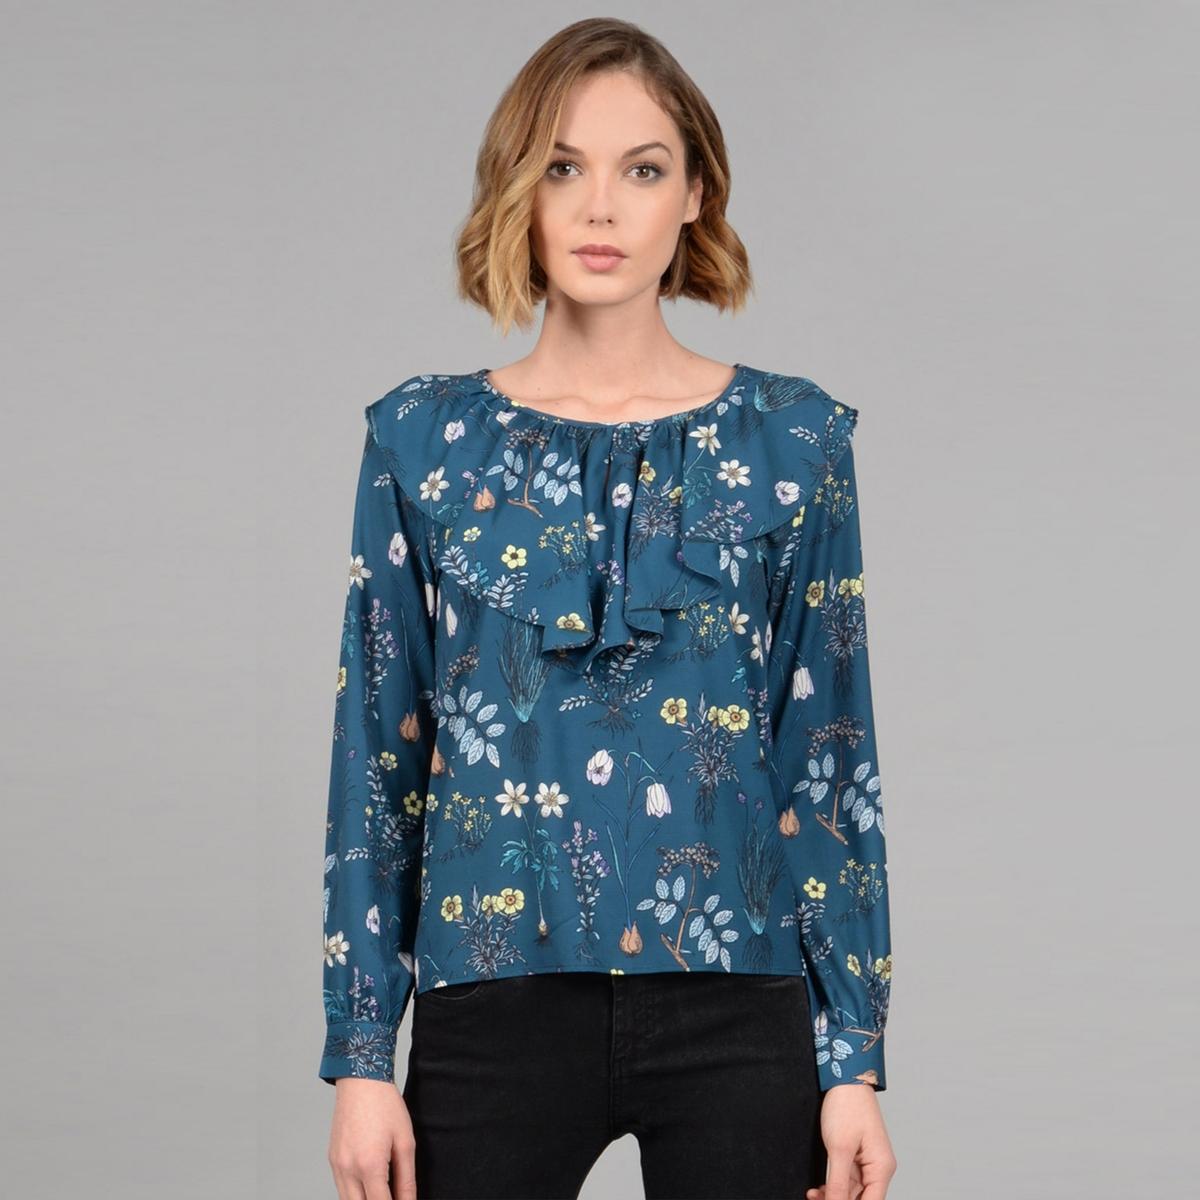 Блузка в воланами с длинными рукавами блузка в клетку с воланами и длинными рукавами check